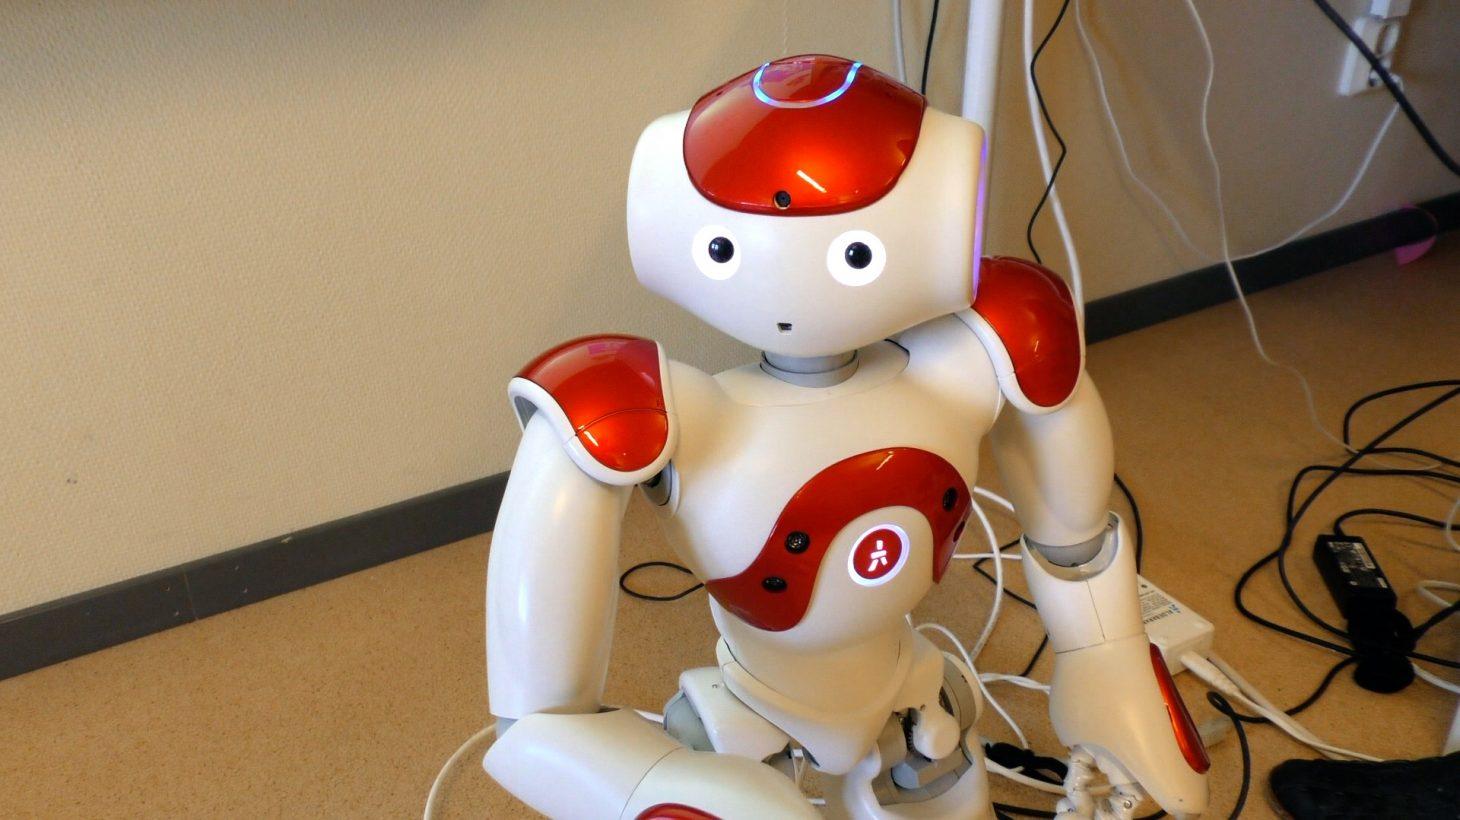 en programmeringsbara humanoidroboten blir för Rosalinda Estrada ett viktigt led i att underlätta för eleverna på grundsärskolan att kommunicera och träna på sociala färdigheter.